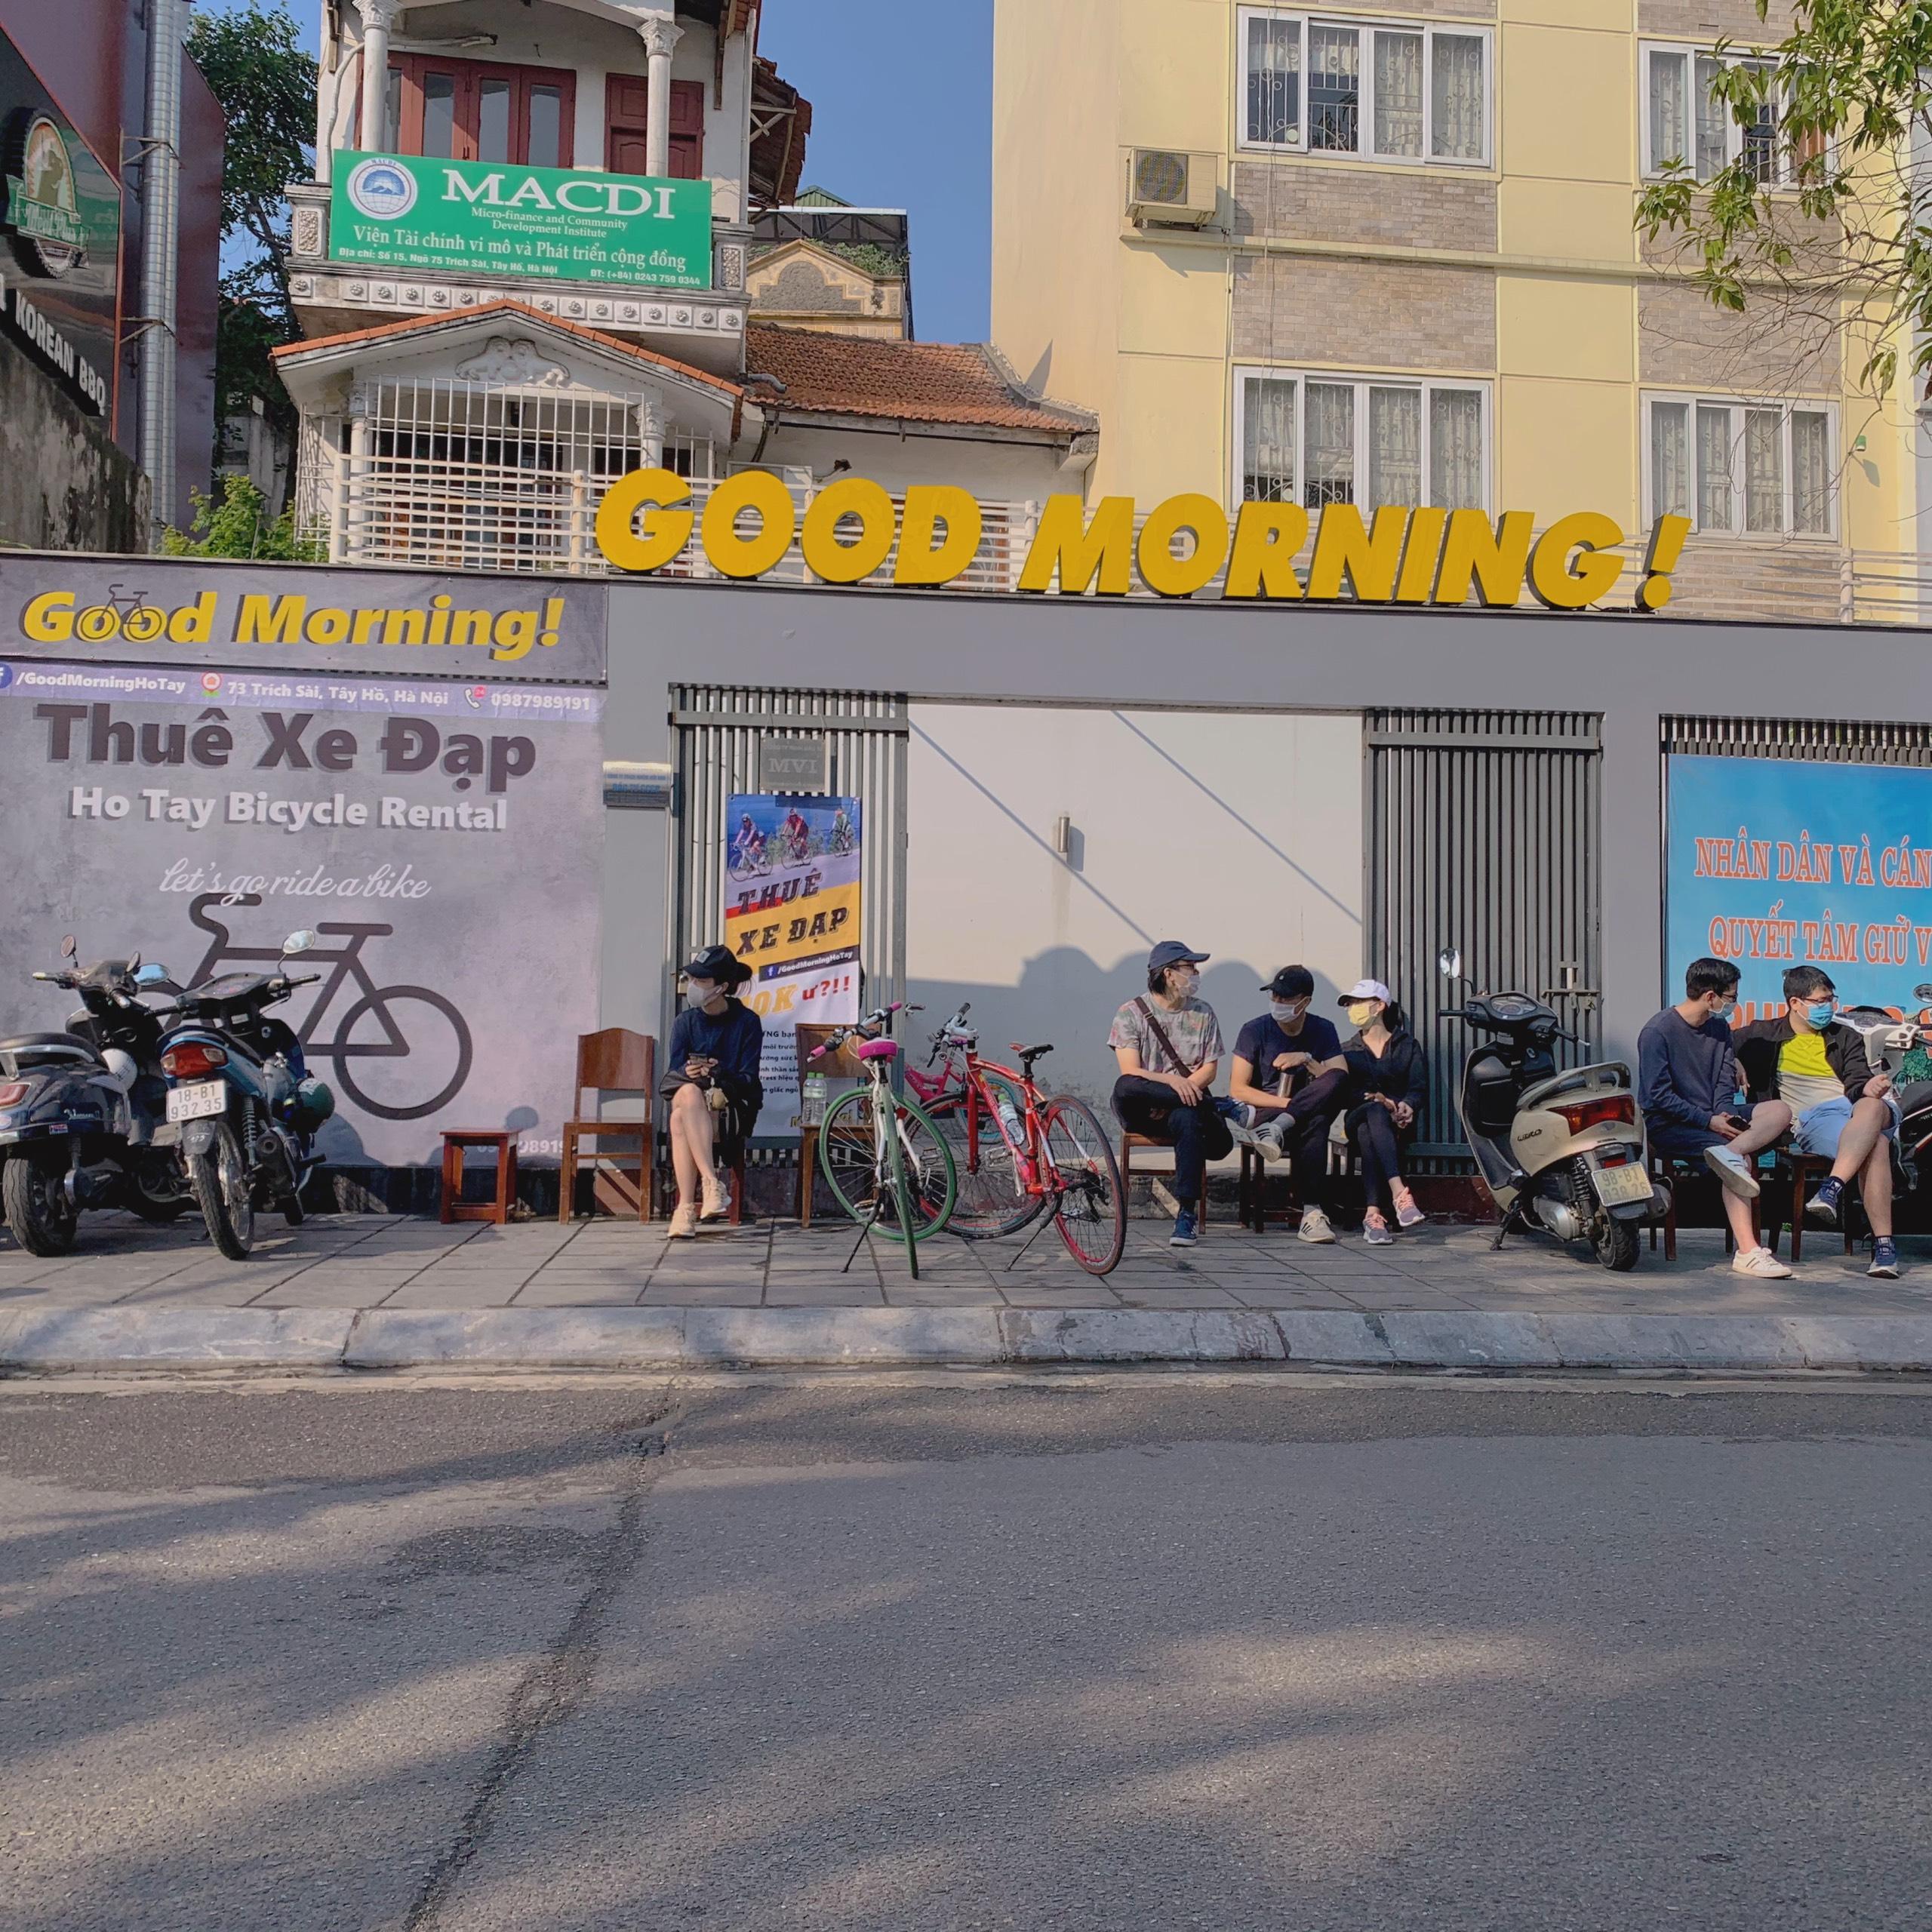 Khách chờ xe ca trước để được trải nghiệm đạp xe Hồ Tây